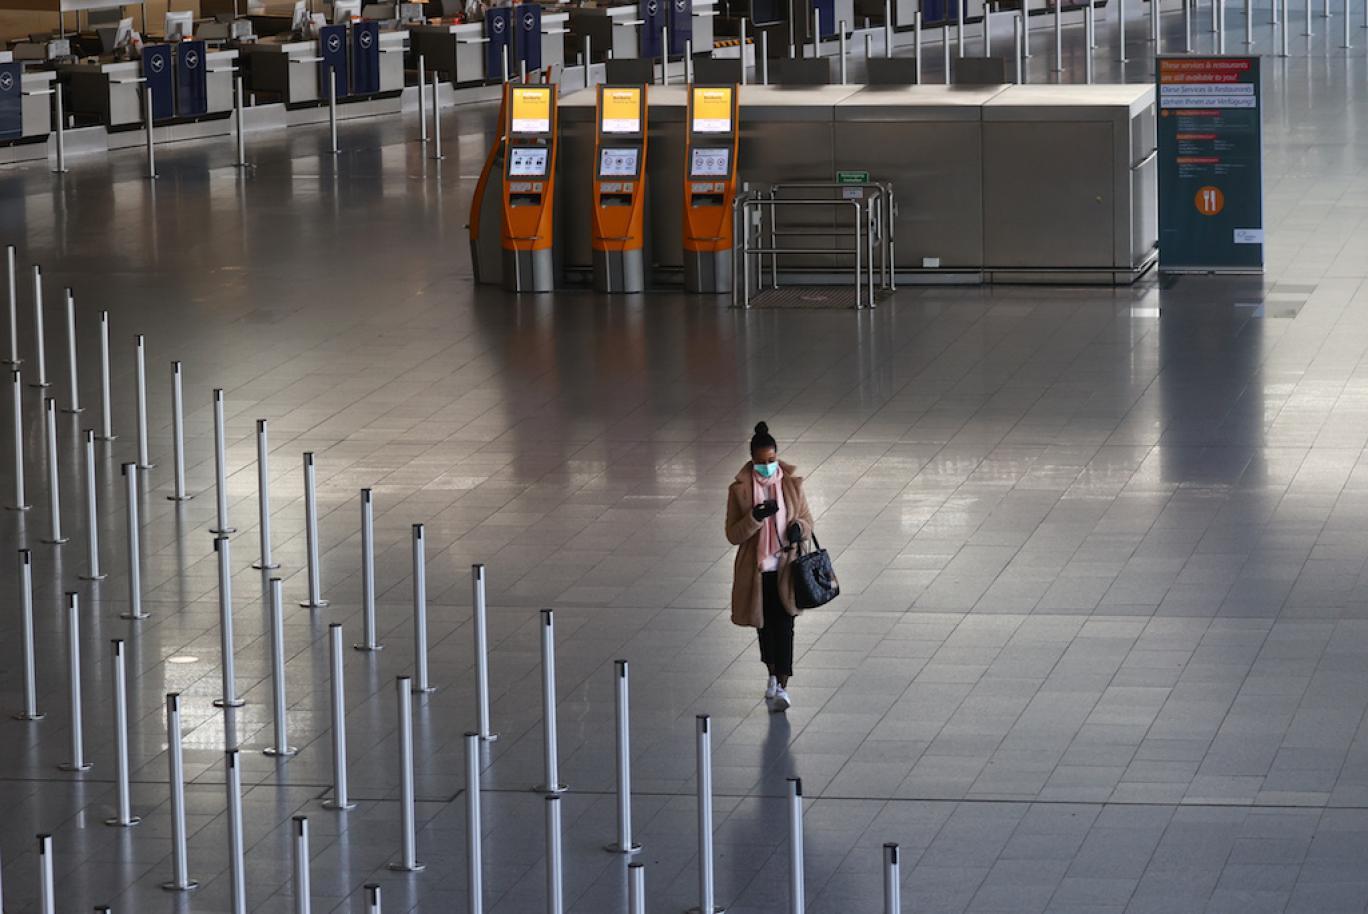 فرودگاه در چین و خالی شدن از مسافر